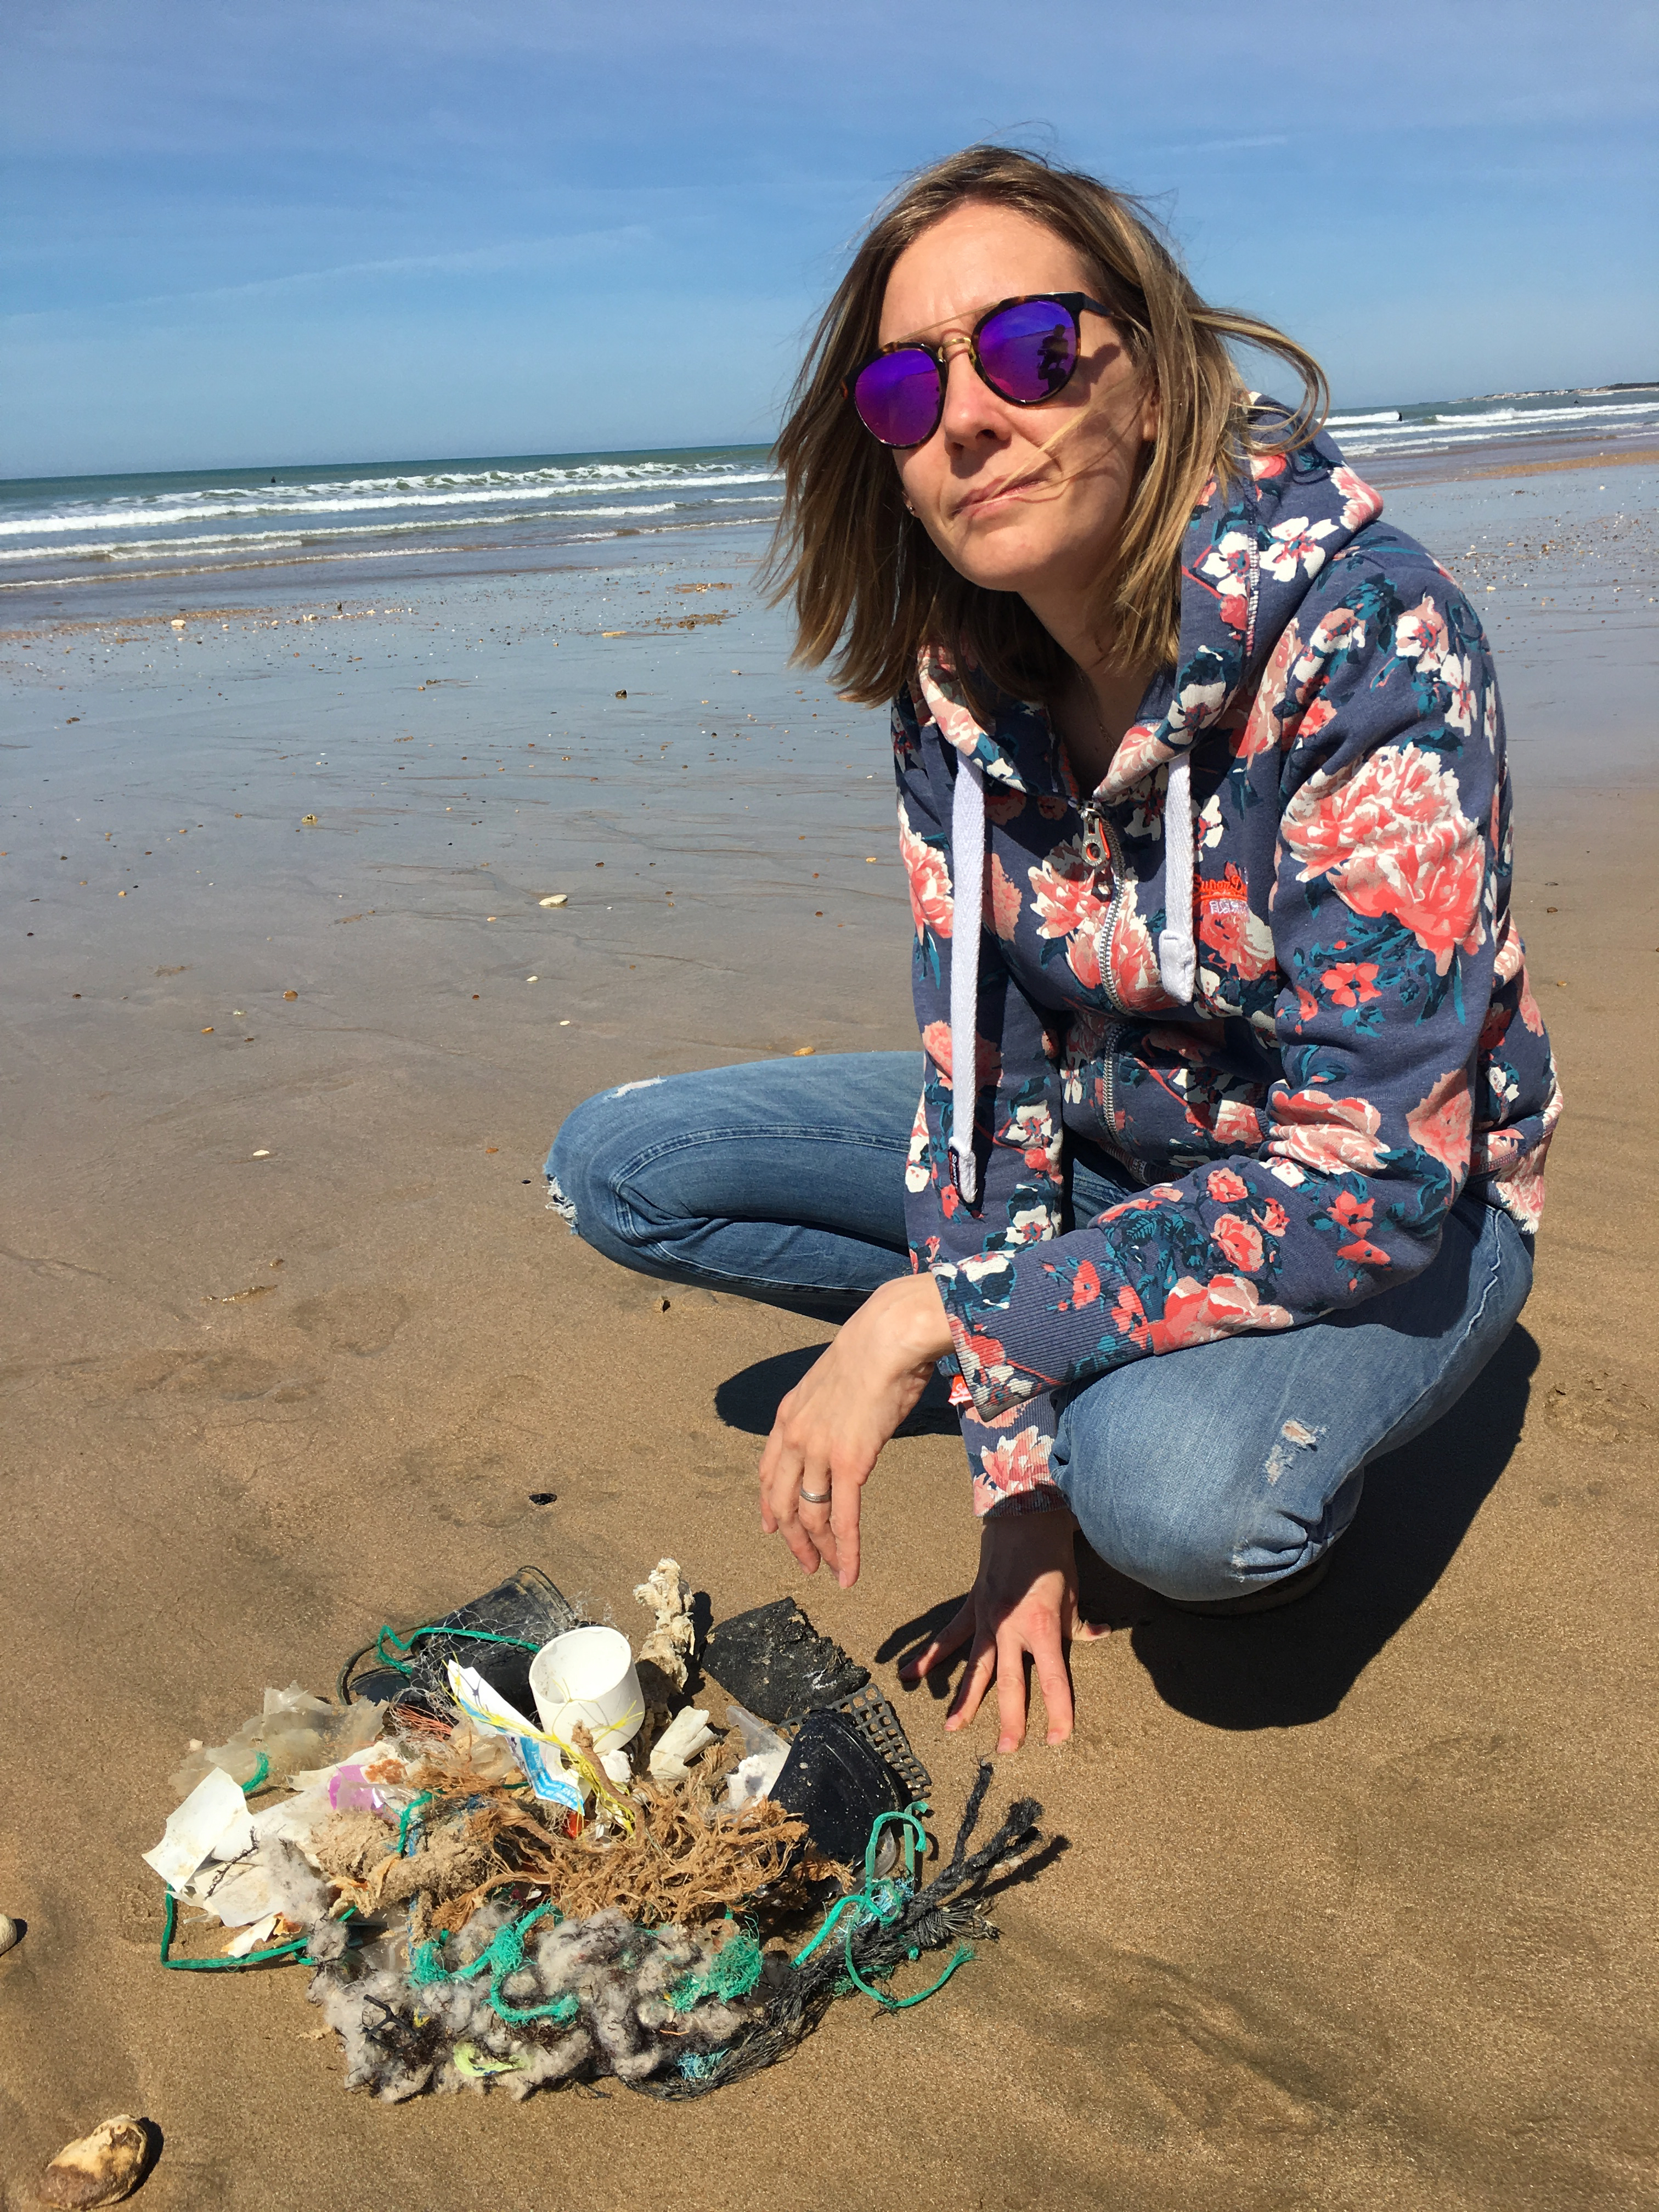 récolte de déchets sur la plage